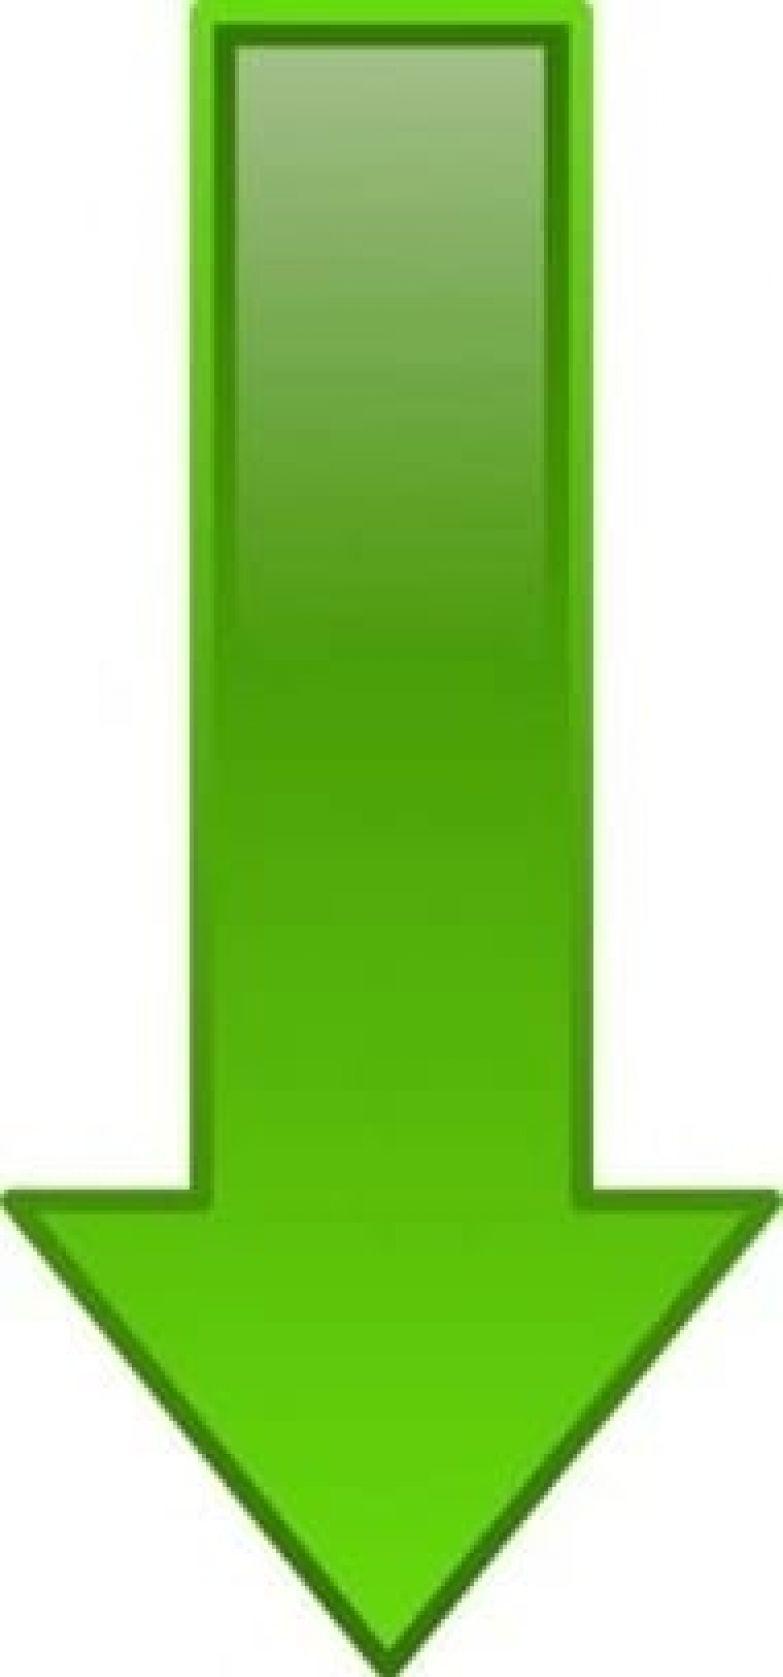 arrow-down-green-clip-art_t